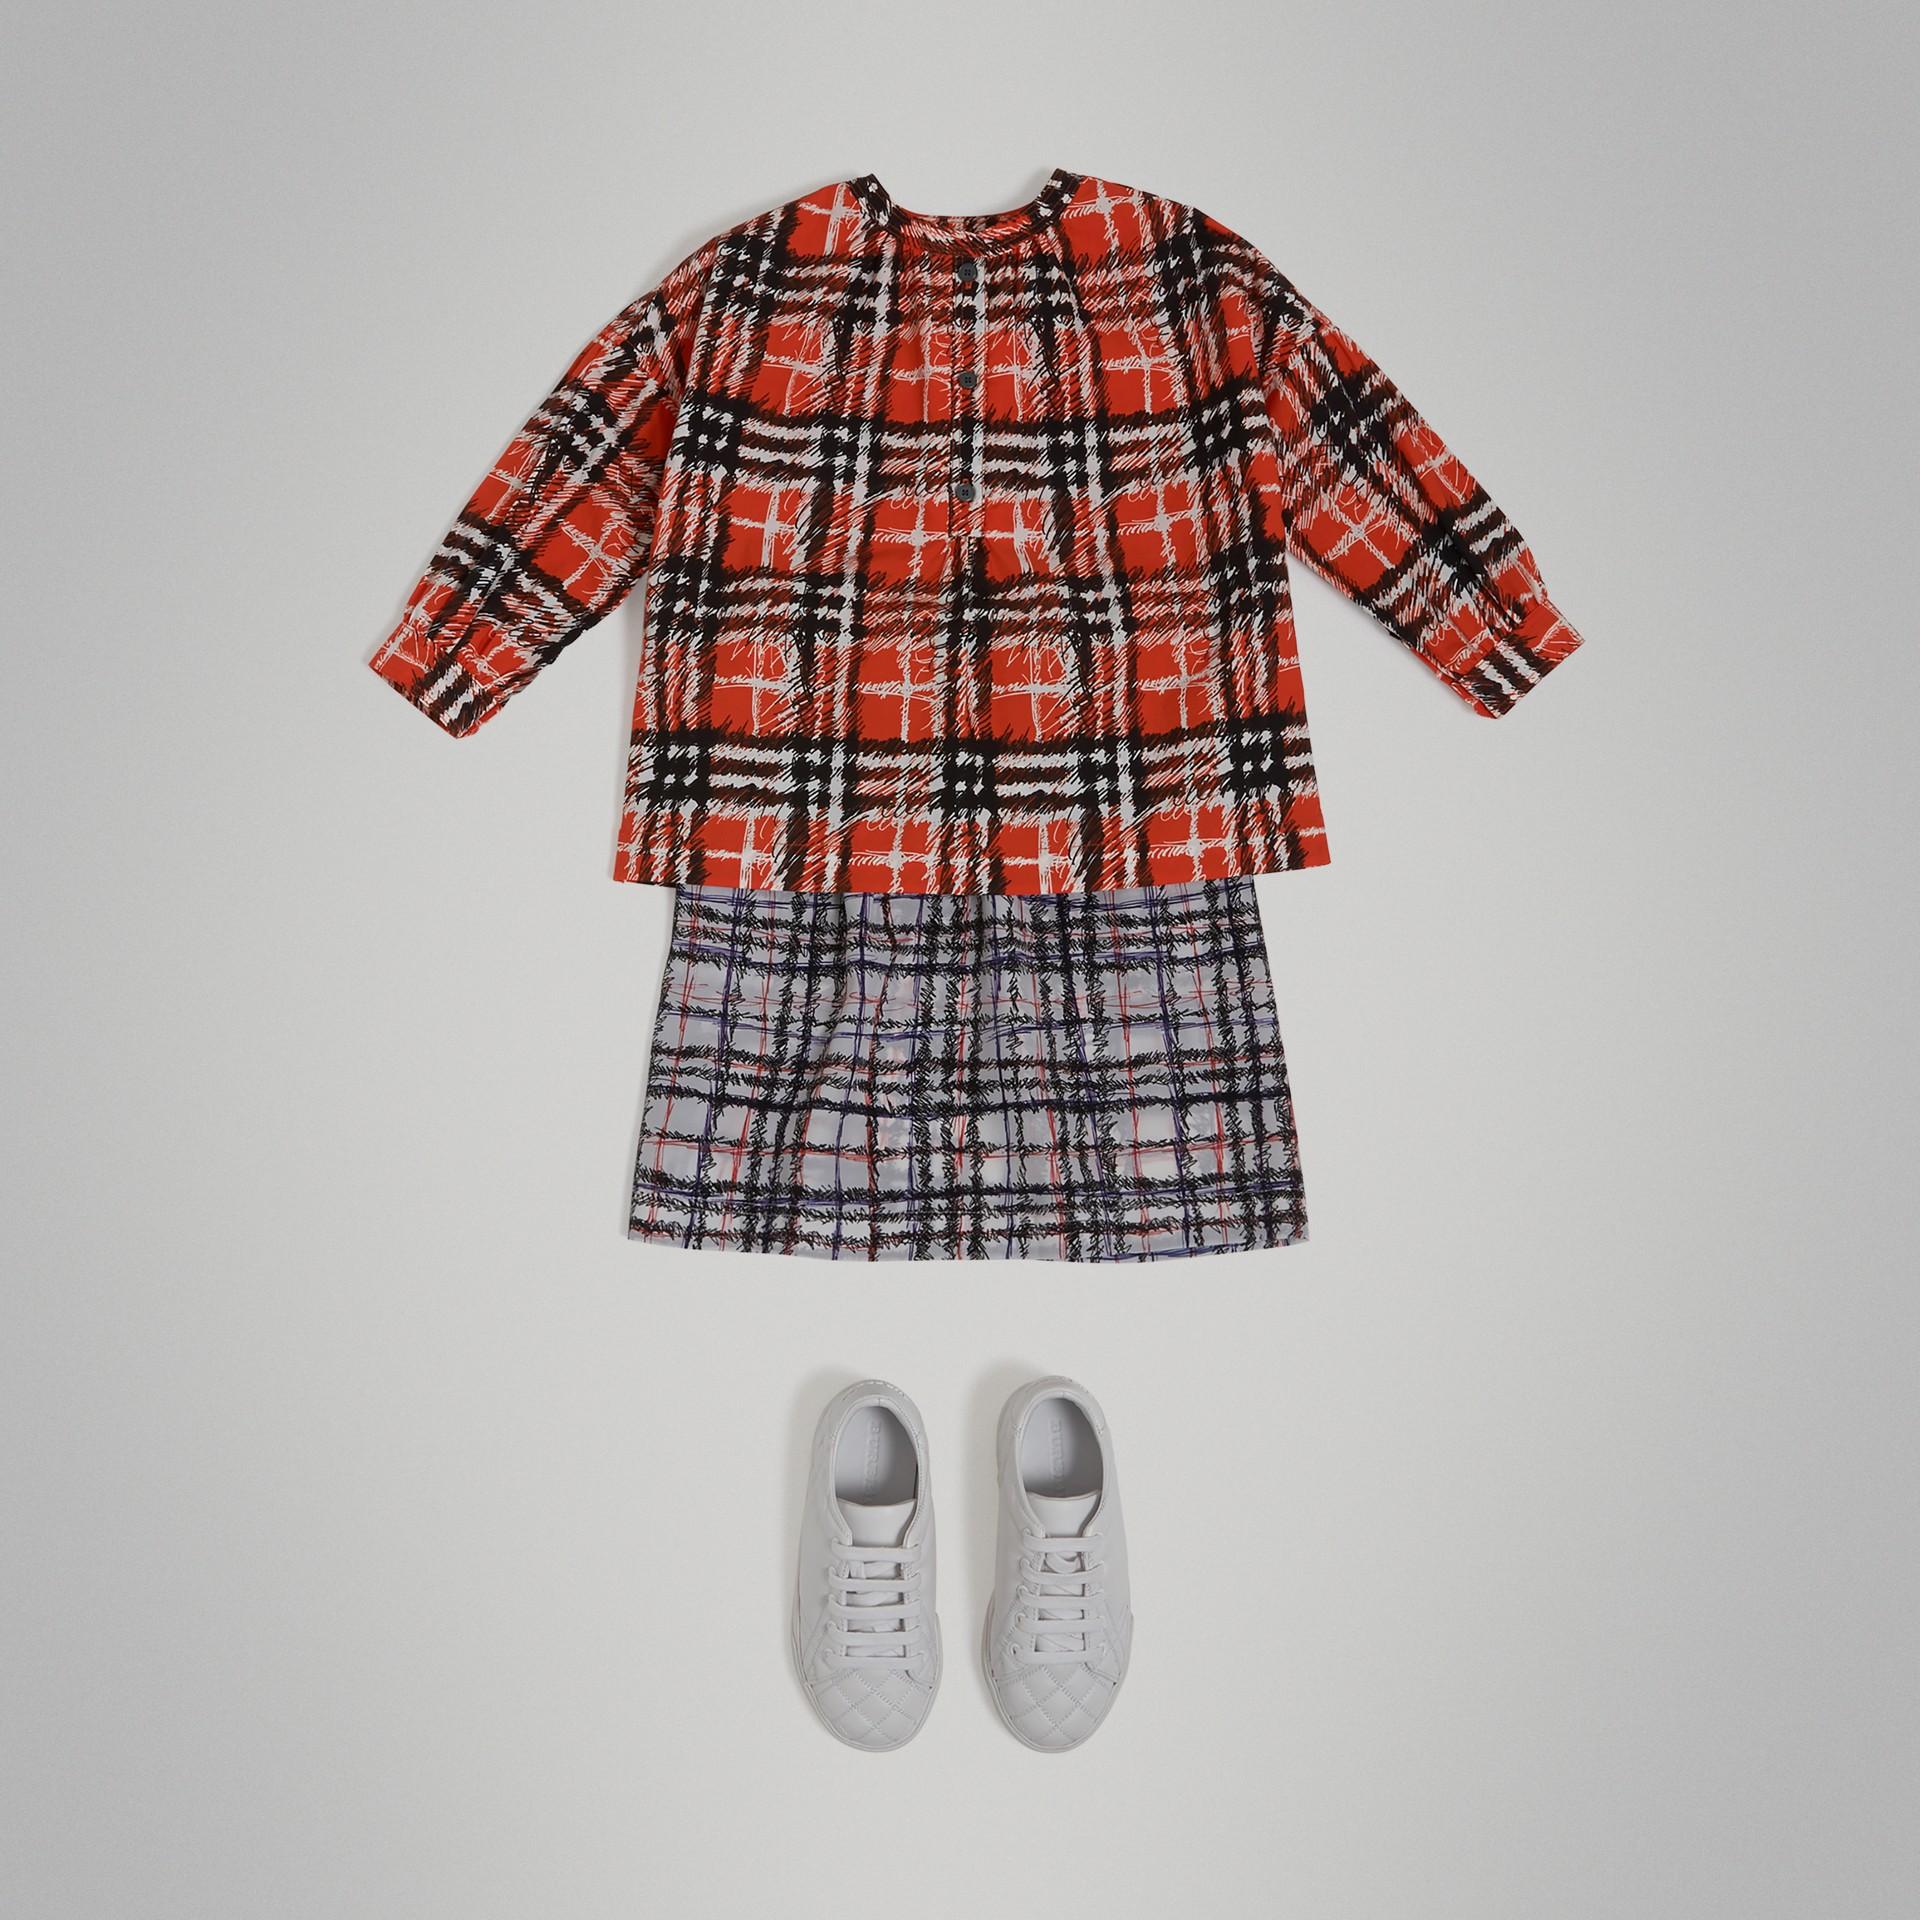 スクリブルチェックプリント コットン チュニックシャツ (ブライトレッド) - ガール | バーバリー - ギャラリーイメージ 0